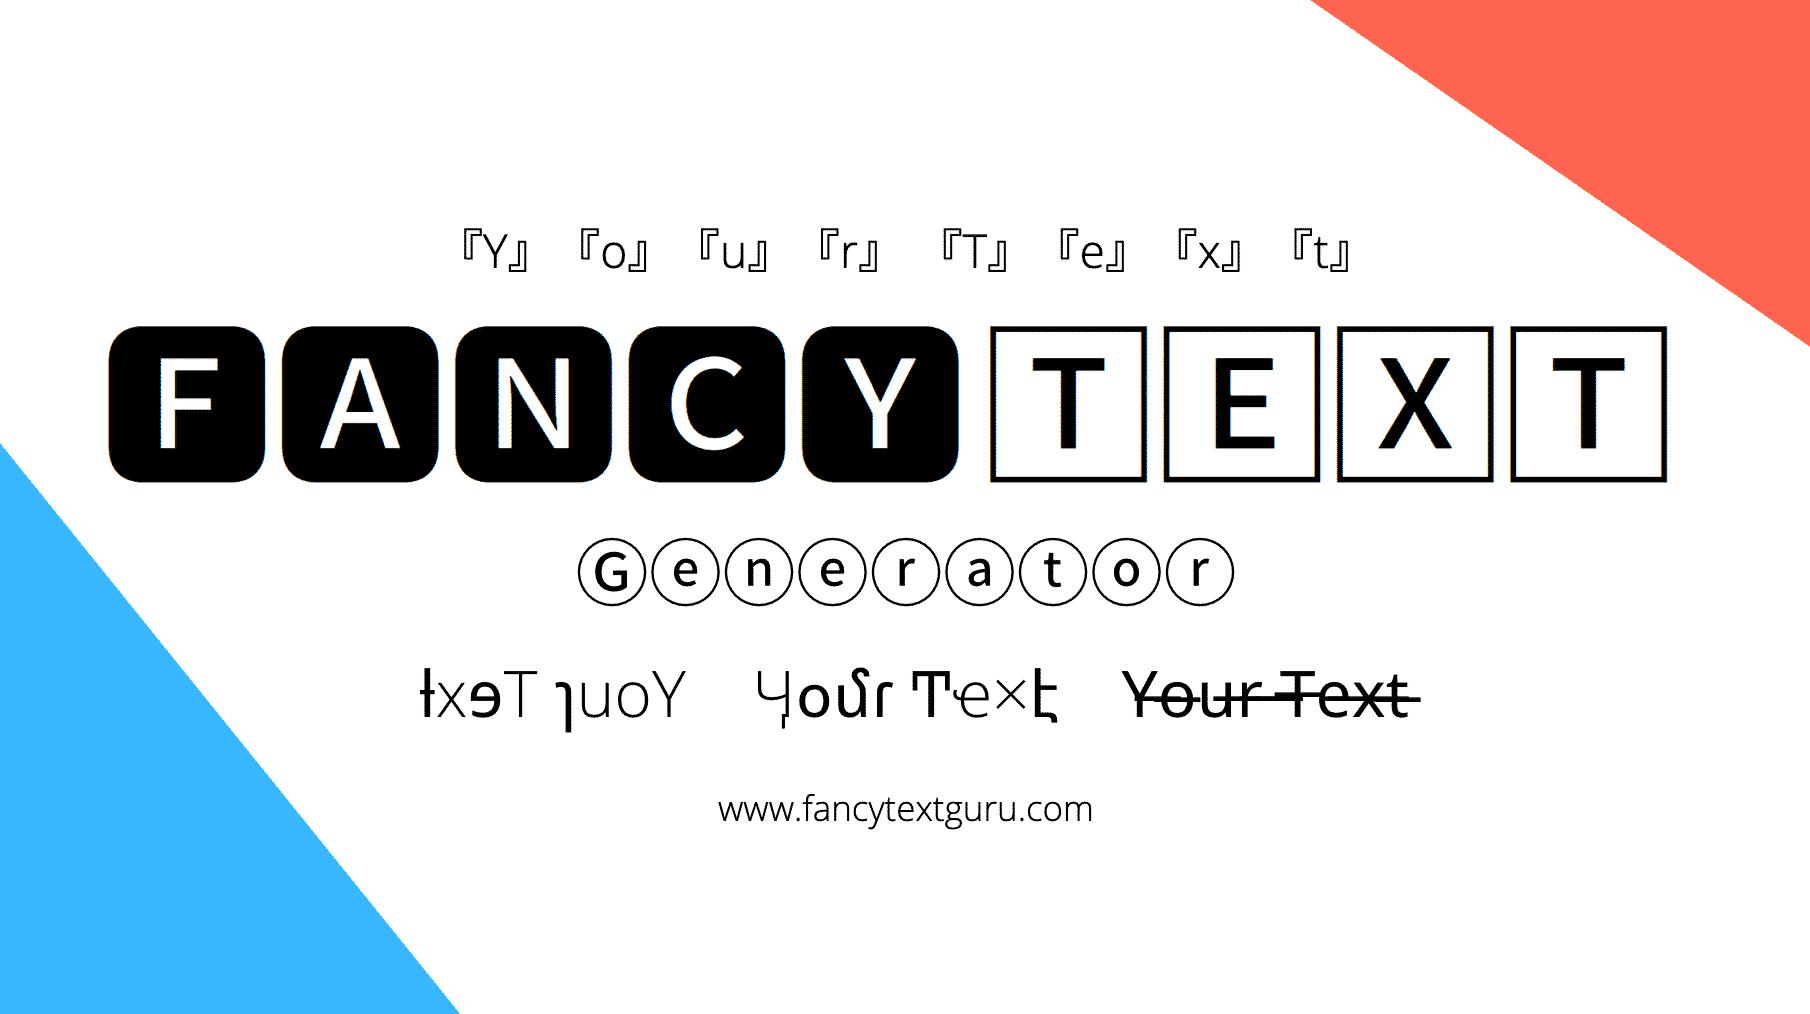 FancyTextGuru